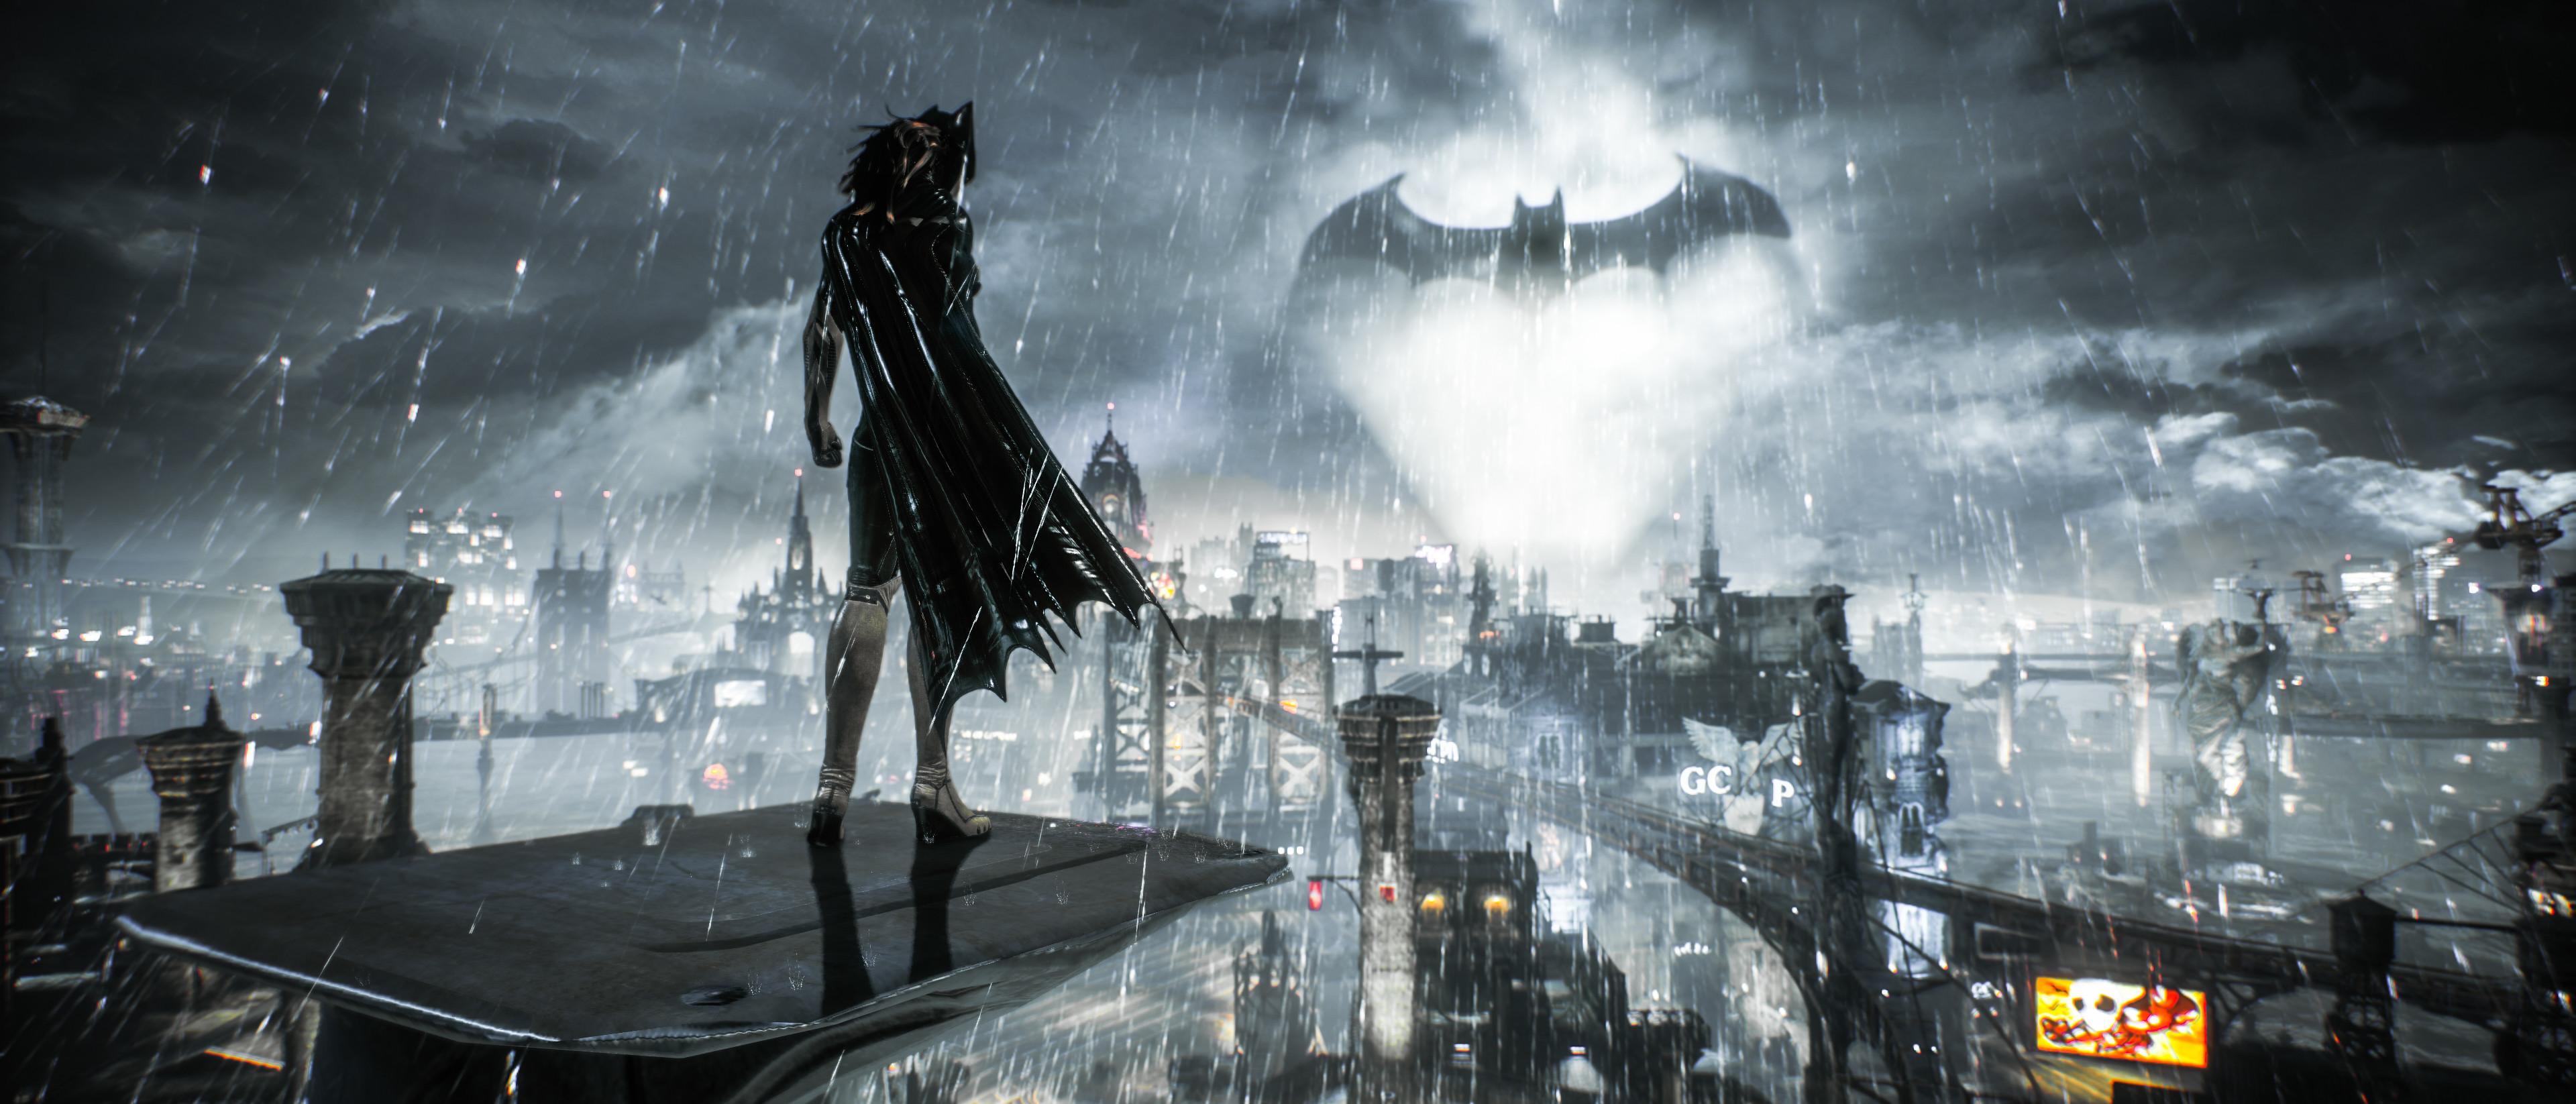 45656277175_7877d0b298_4k.jpg - Batman: Arkham Knight